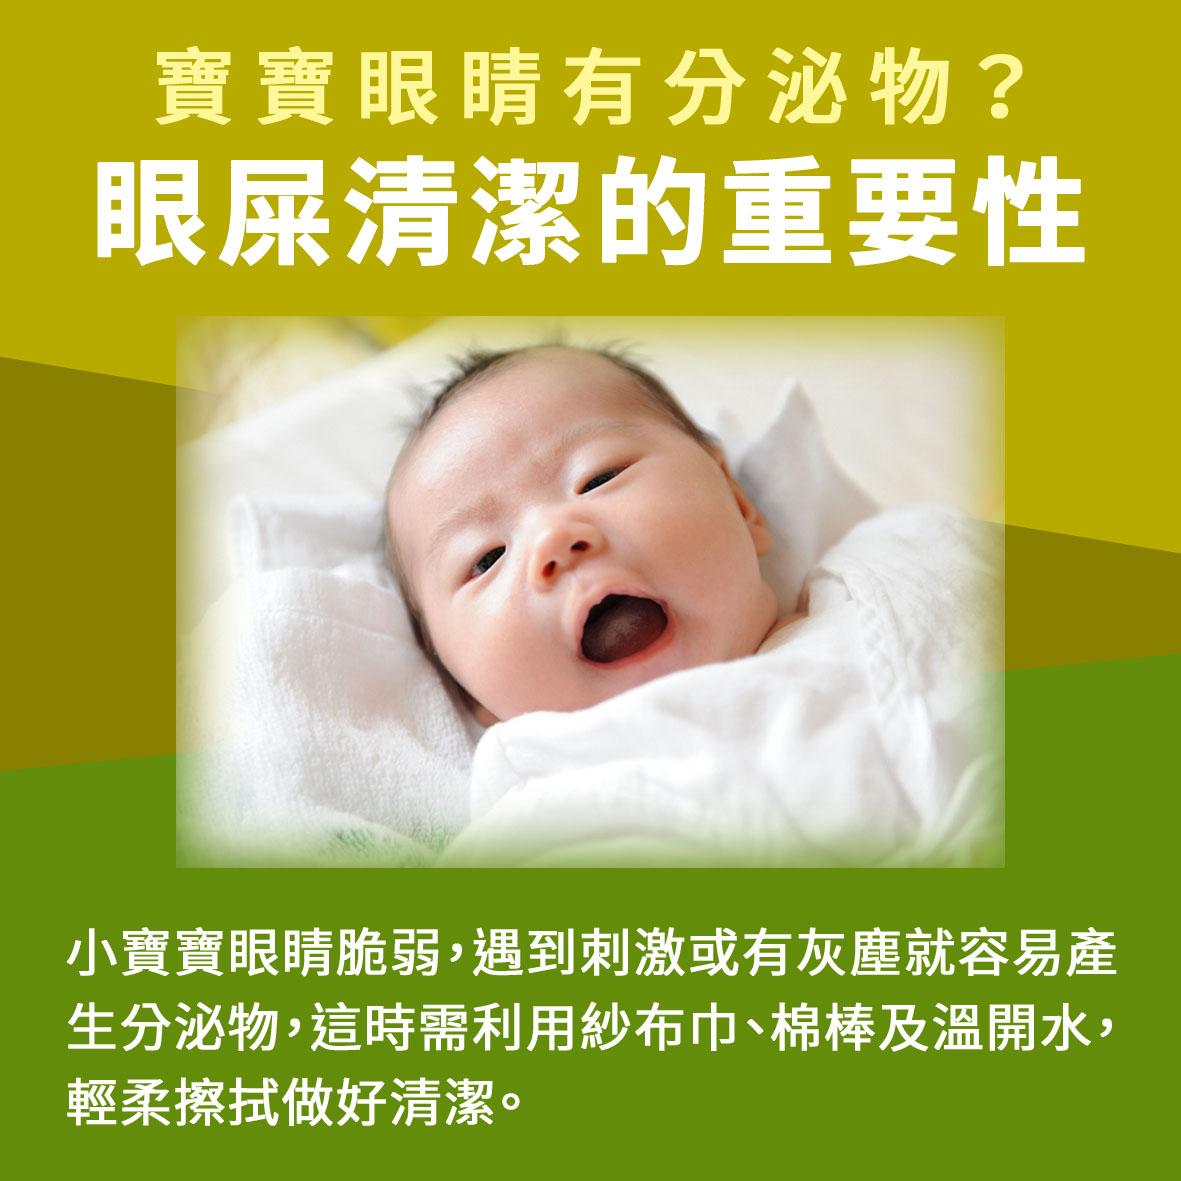 寶寶篇第6週-寶寶眼睛有分泌物?眼屎清潔的重要性